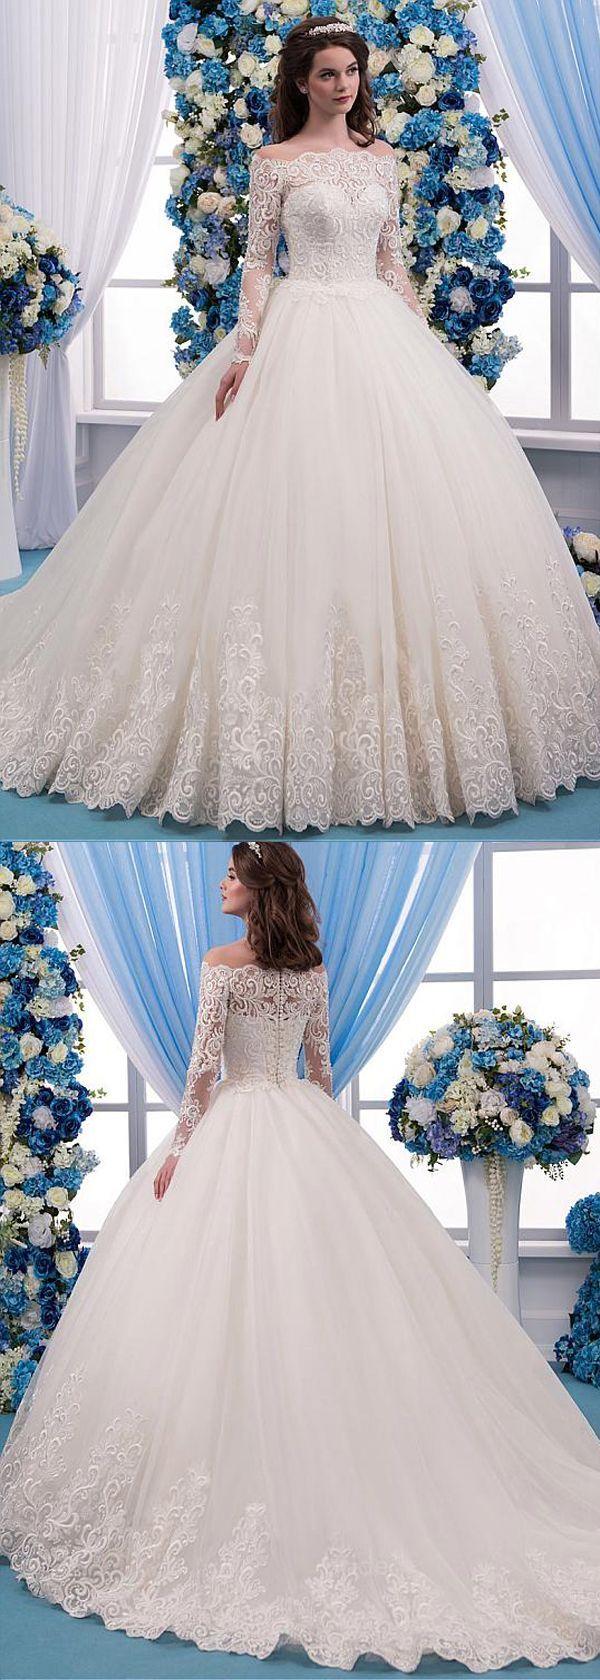 Robe de mariée robe de bal romantique tulle bateau décolleté avec des ...